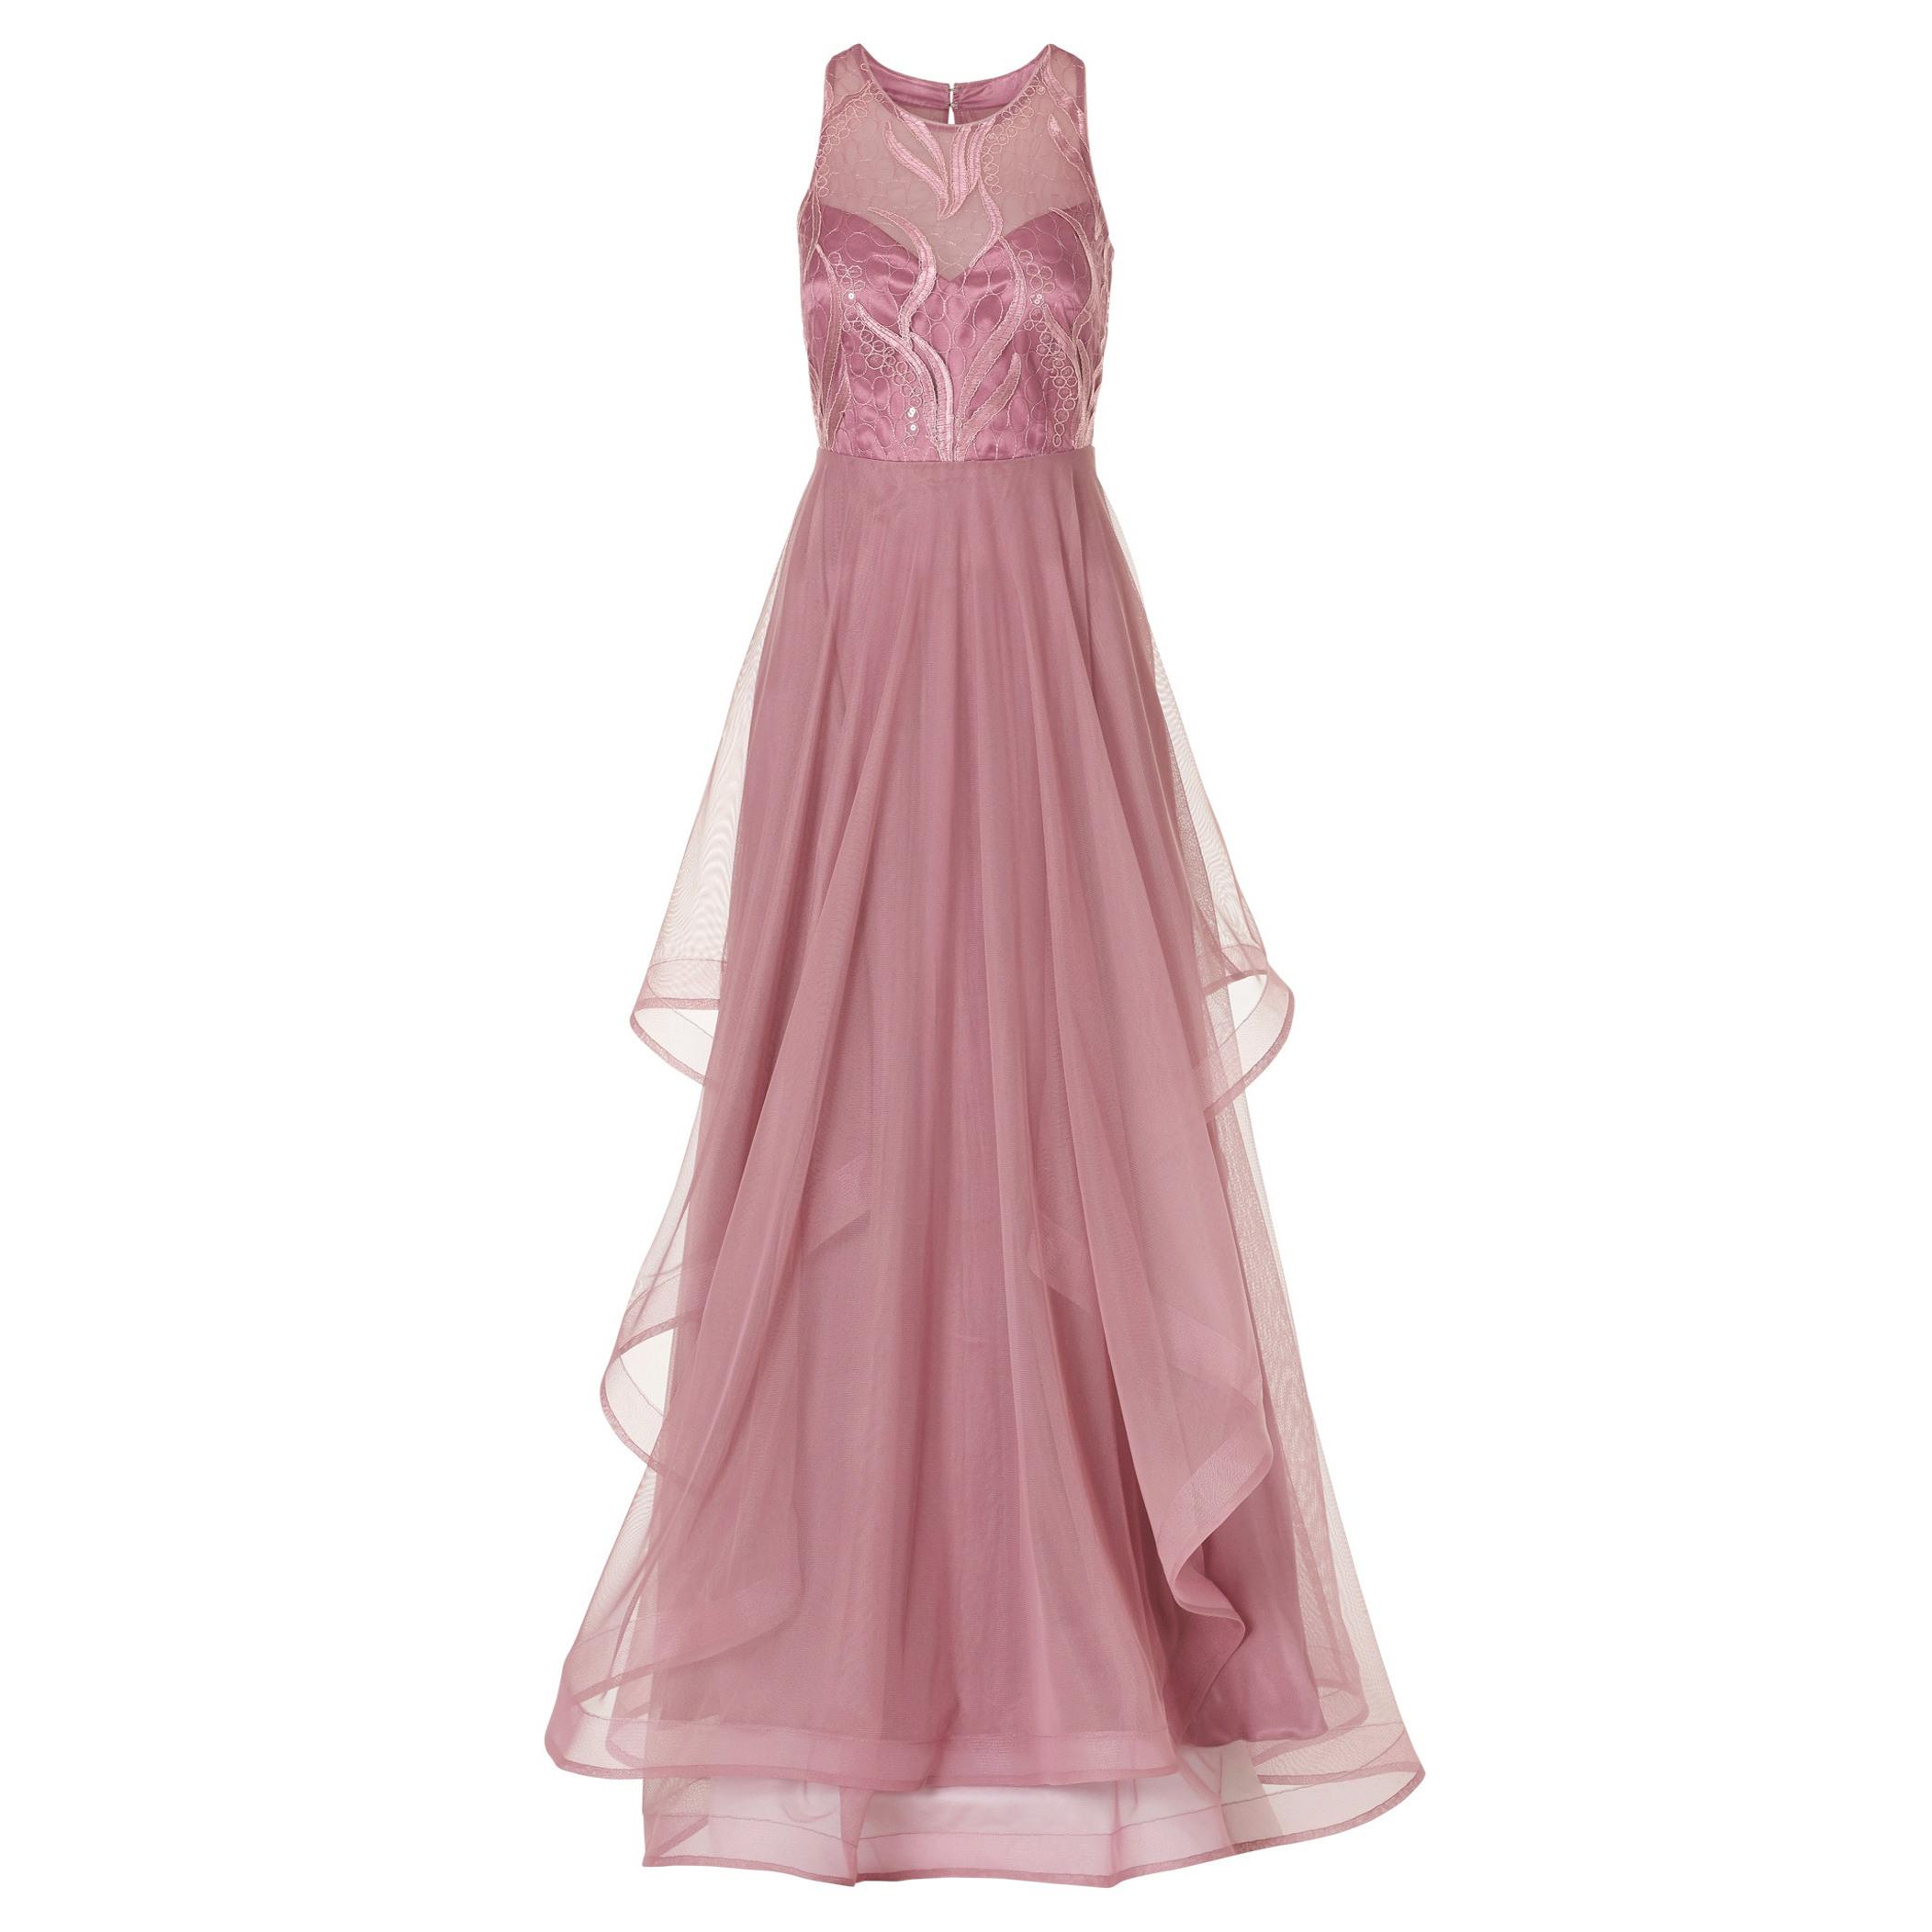 20 Genial Abendkleid Waschen ÄrmelAbend Luxus Abendkleid Waschen Design